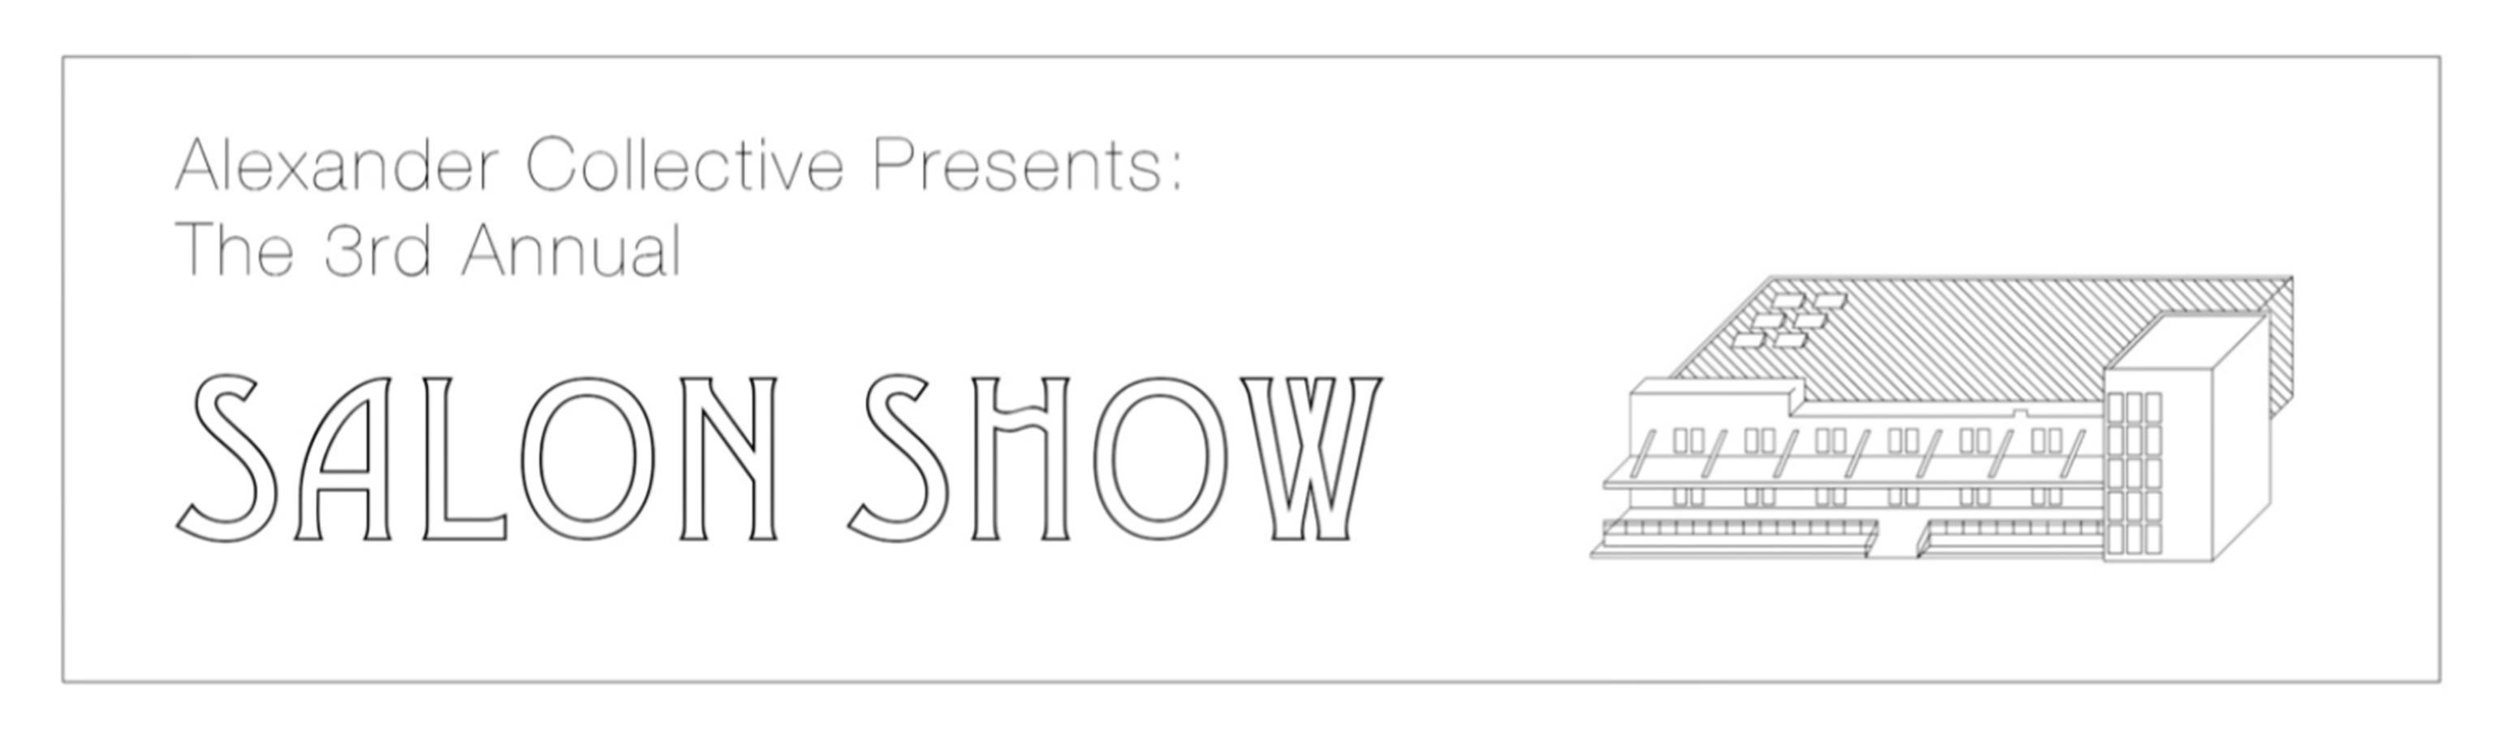 AC 3rd Annual Salon Show